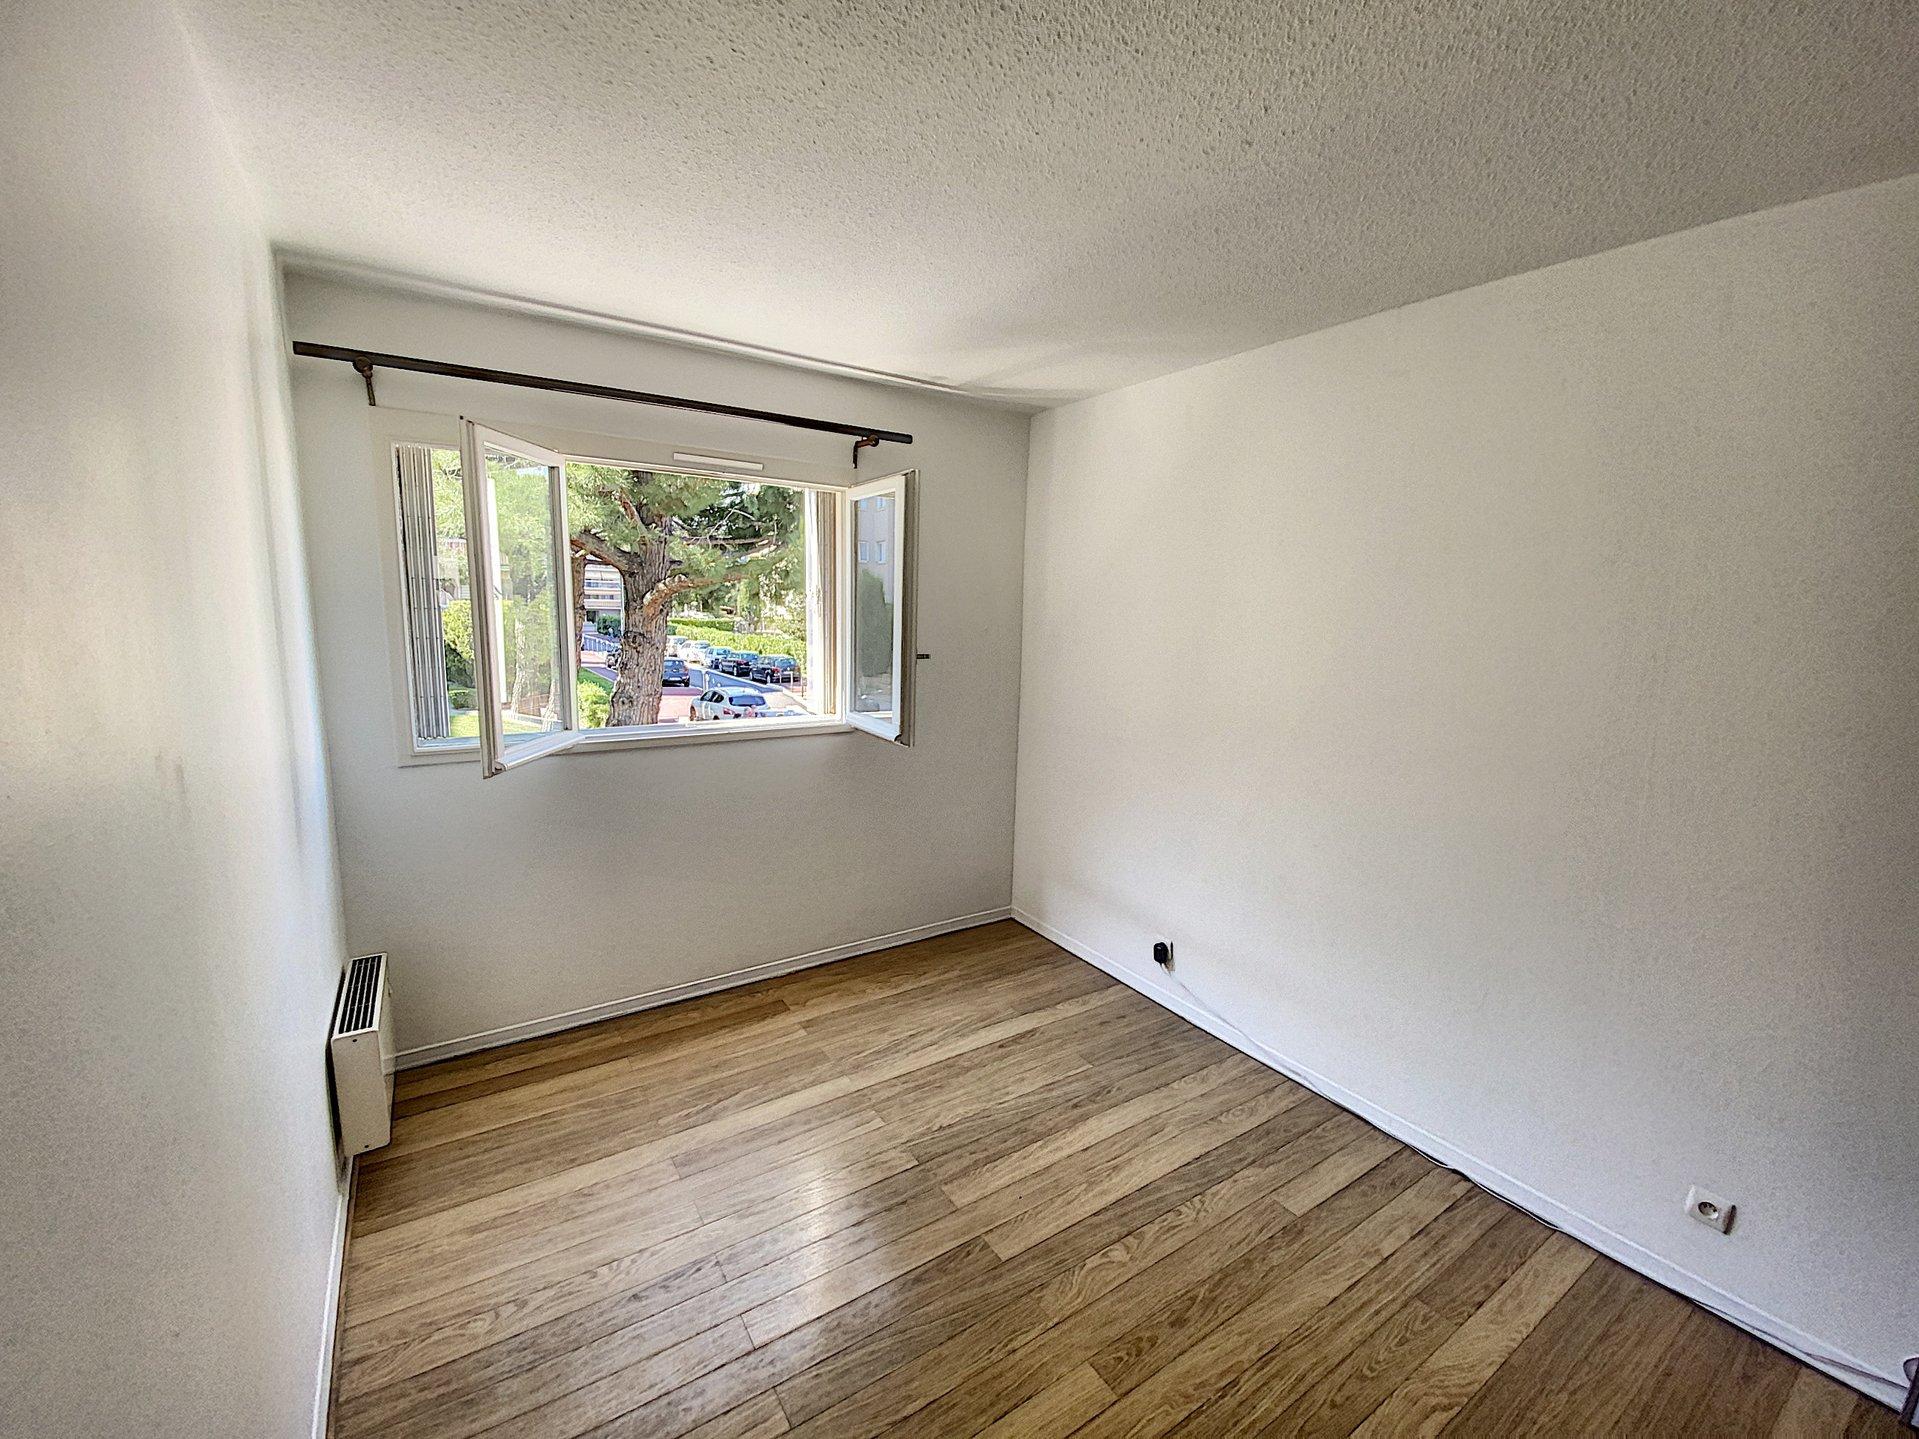 SAINT LAURENT DU VAR - Appartement - 2 chambres - 3 pièces